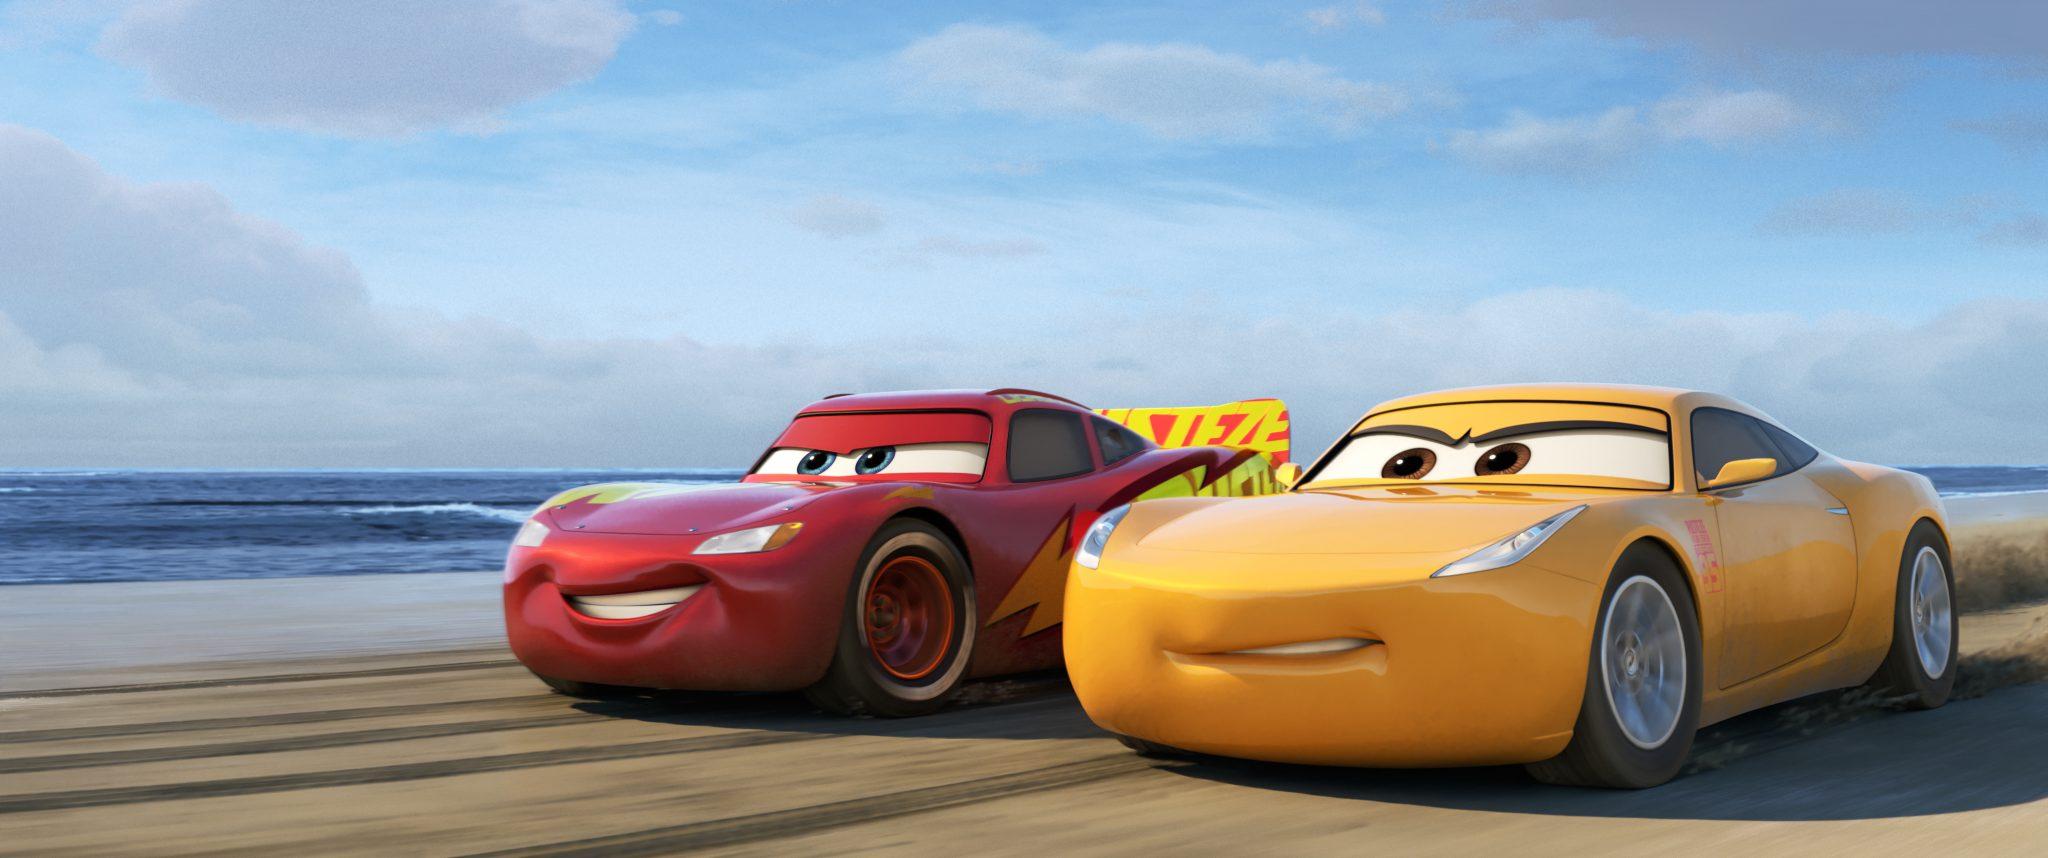 انیمیشن Cars 3 کاری از کمپانی والت دیزنی و پیکسار